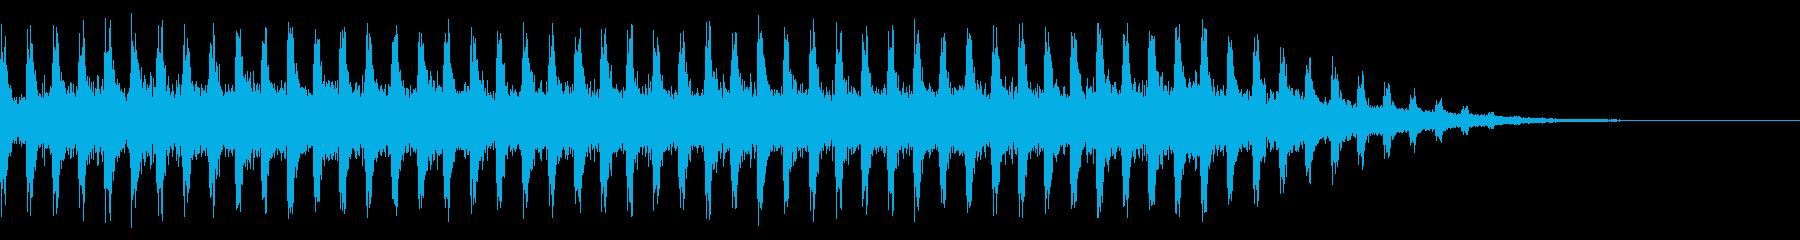 工場 ガシャンガシャン 製造機の再生済みの波形